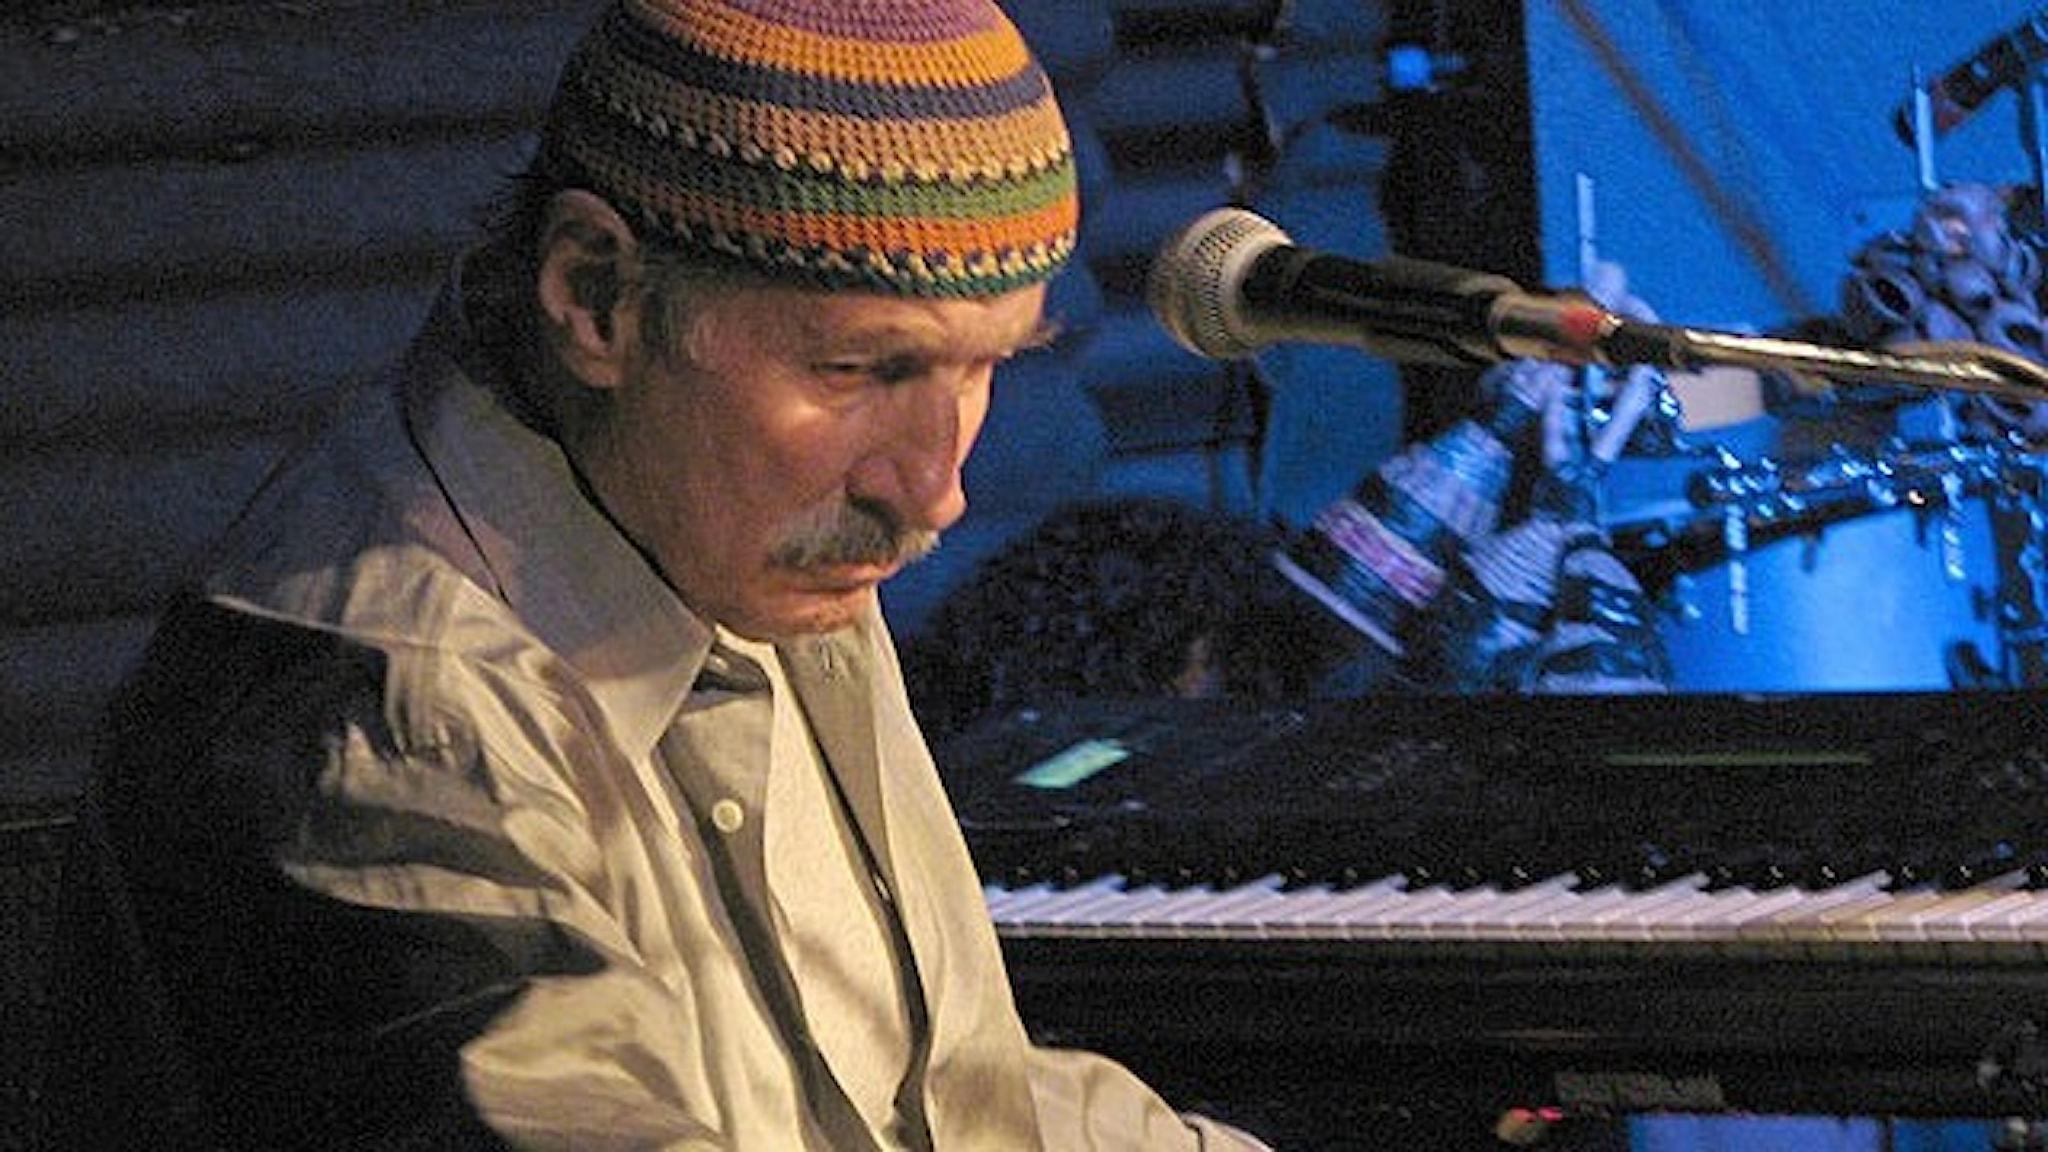 En av världens främsta keyboardister genom tiderna Joe Zawinul på scenen i Freiburg, Tyskland, 2007. Foto: Wikimedia commons.